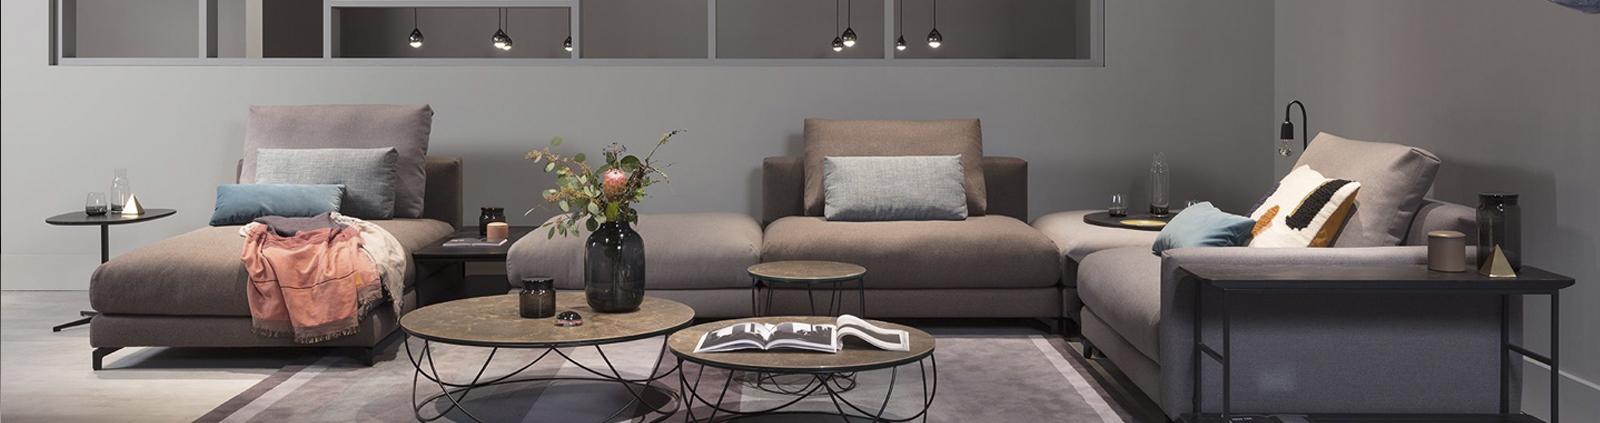 Design meubels Banner Image